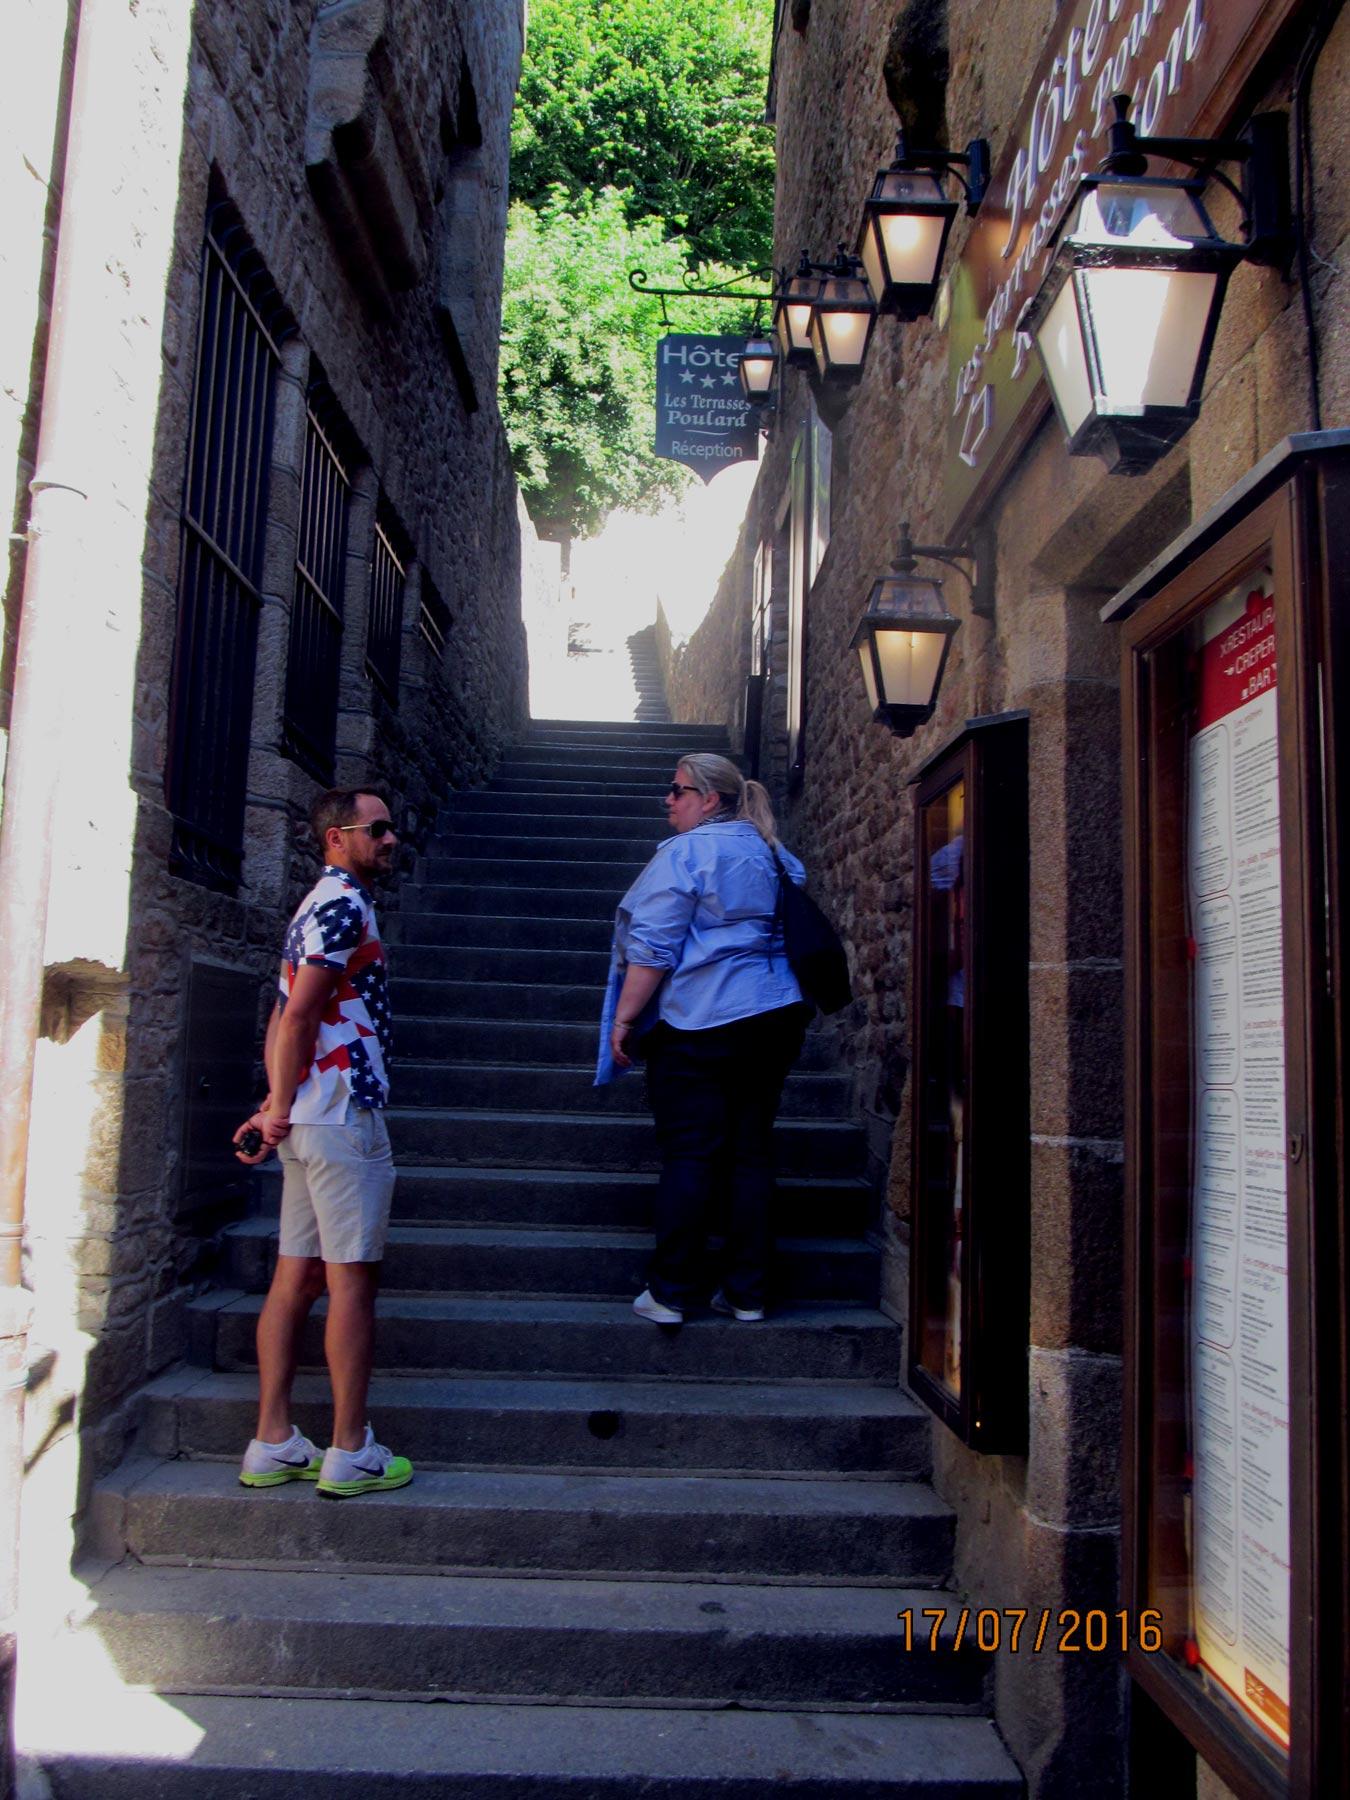 экскурсия по улочкам Мон Сен Мишель